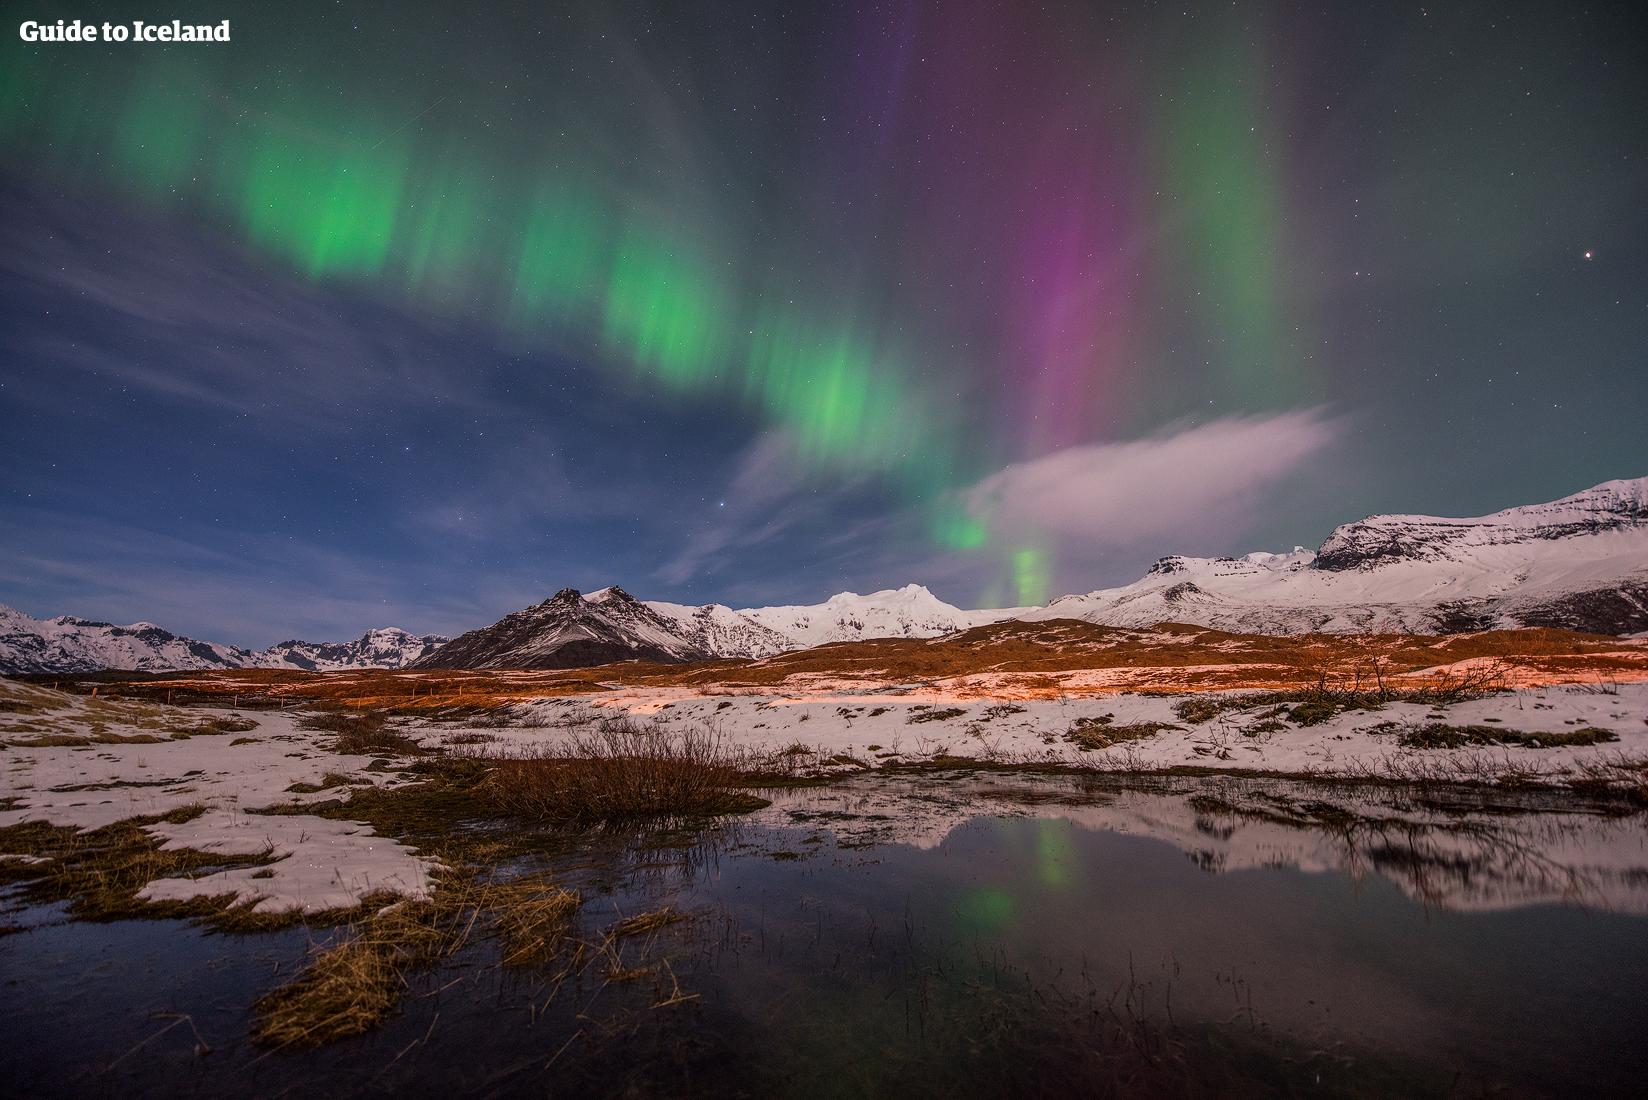 Podróżuj po Islandii zimą i zobacz, jak zorza polarna tańczy na niebie, wprawiając obserwatorów w zachwyt.